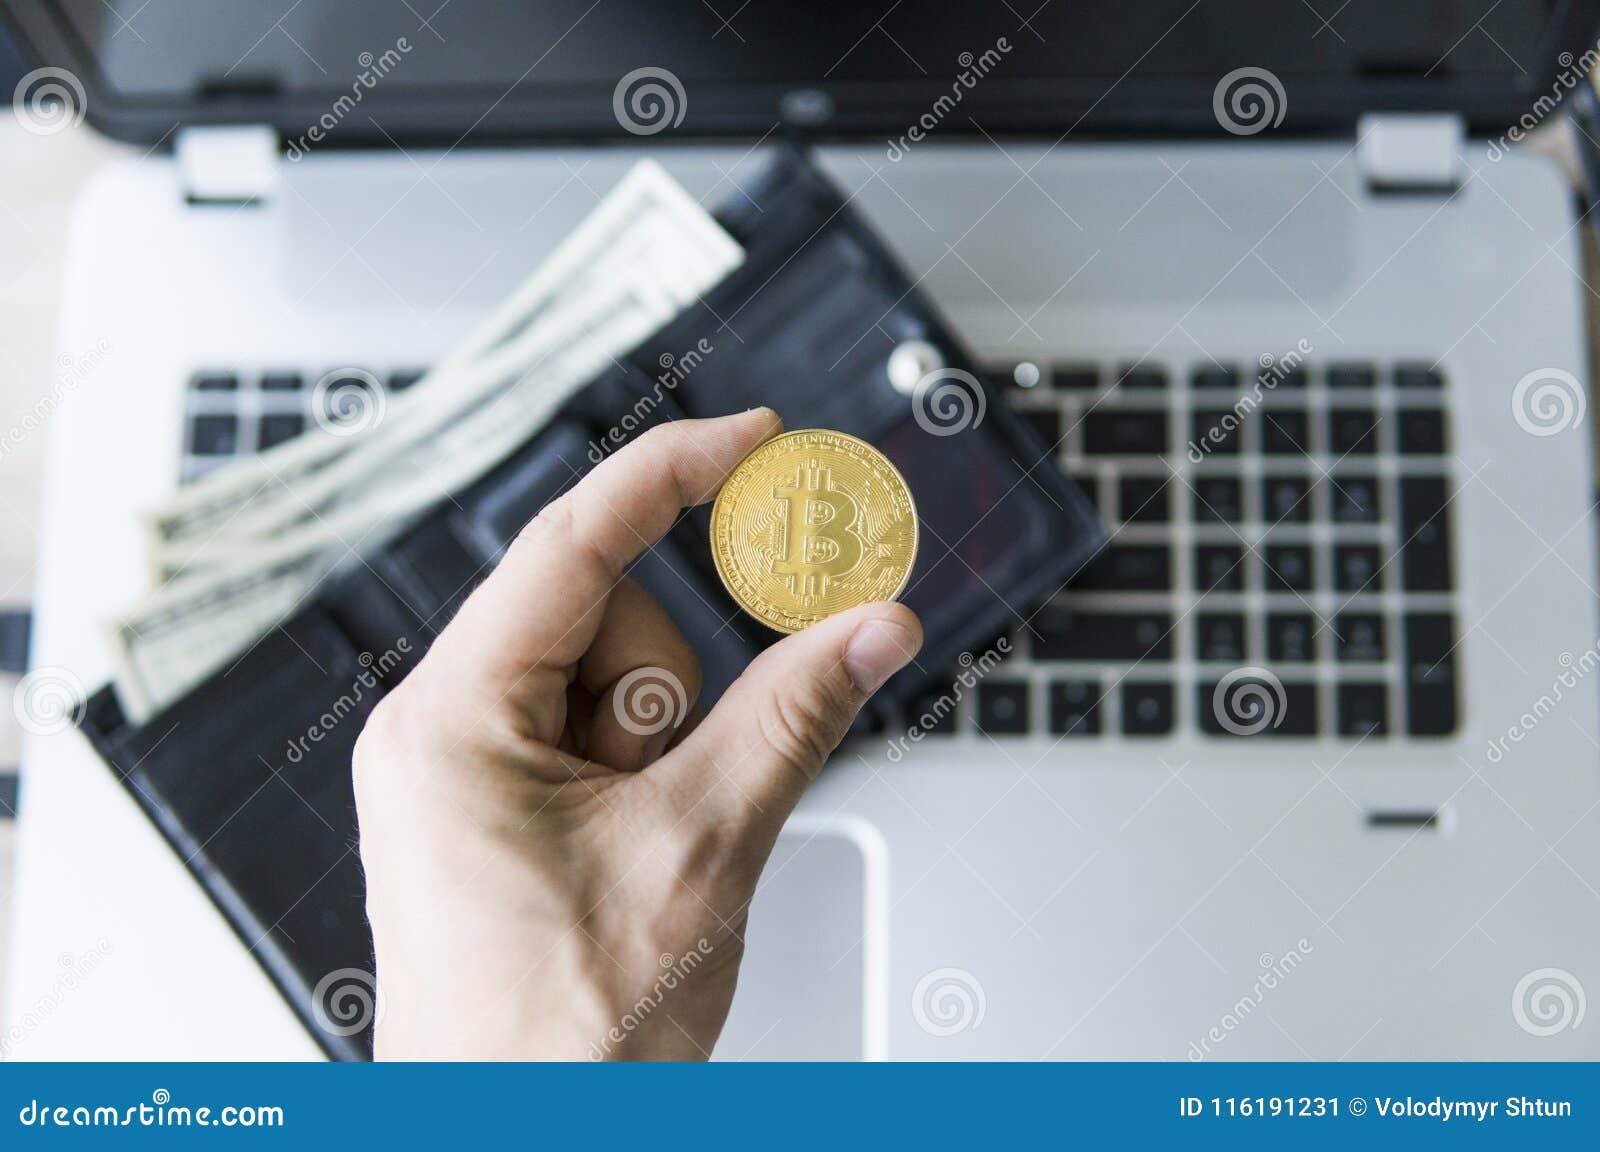 bitcoin laptopon hol lehet gyorsan százezret keresni